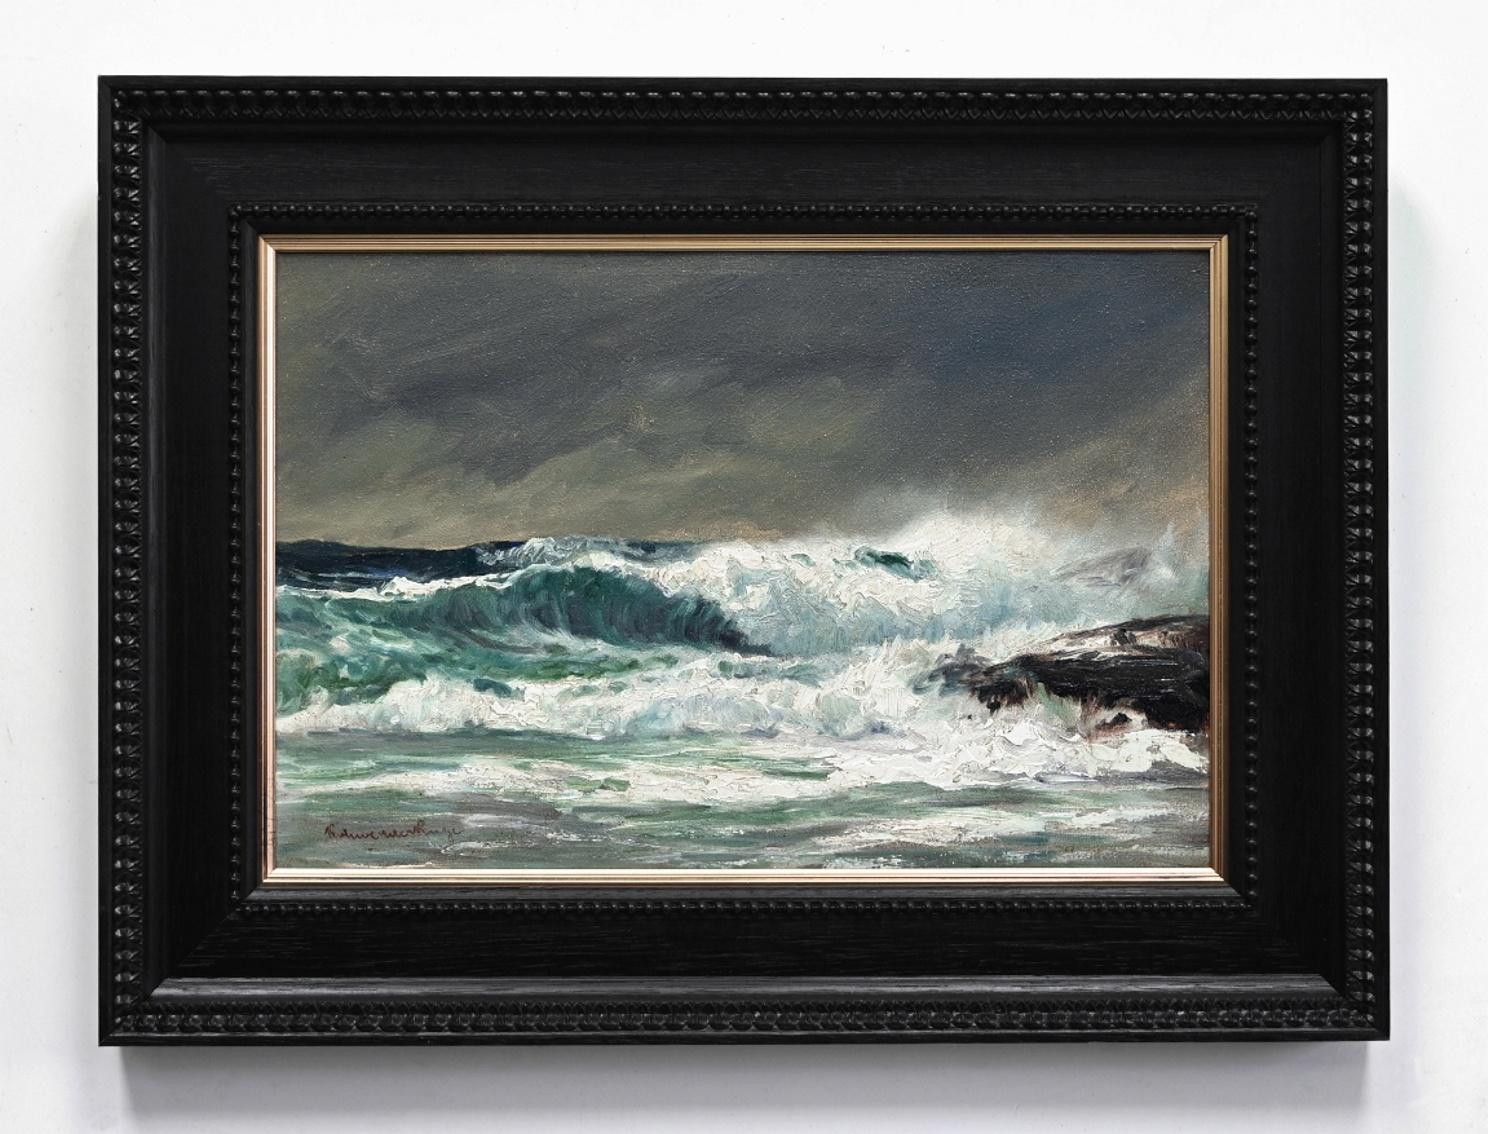 Öl-Gemälde Impressionismus Meer Küstenlandschaft Hamburger Maler norddeutsche Malerei